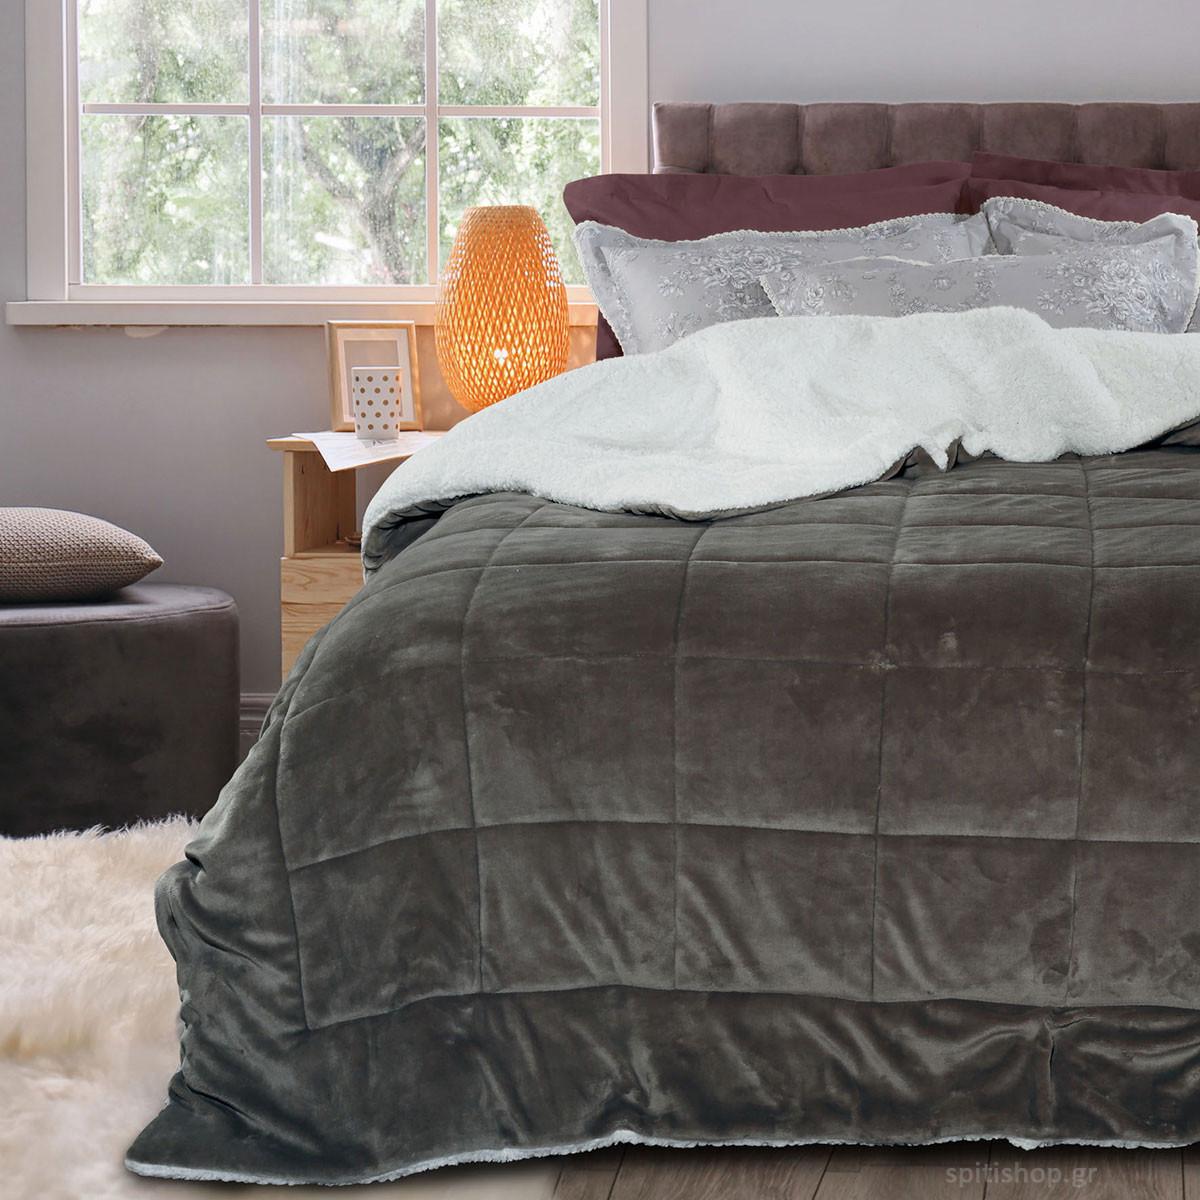 Κουβερτοπάπλωμα Υπέρδιπλο Das Home Blanket Fleece Sherpa 1124 home   κρεβατοκάμαρα   παπλώματα   κουβερτοπαπλώματα